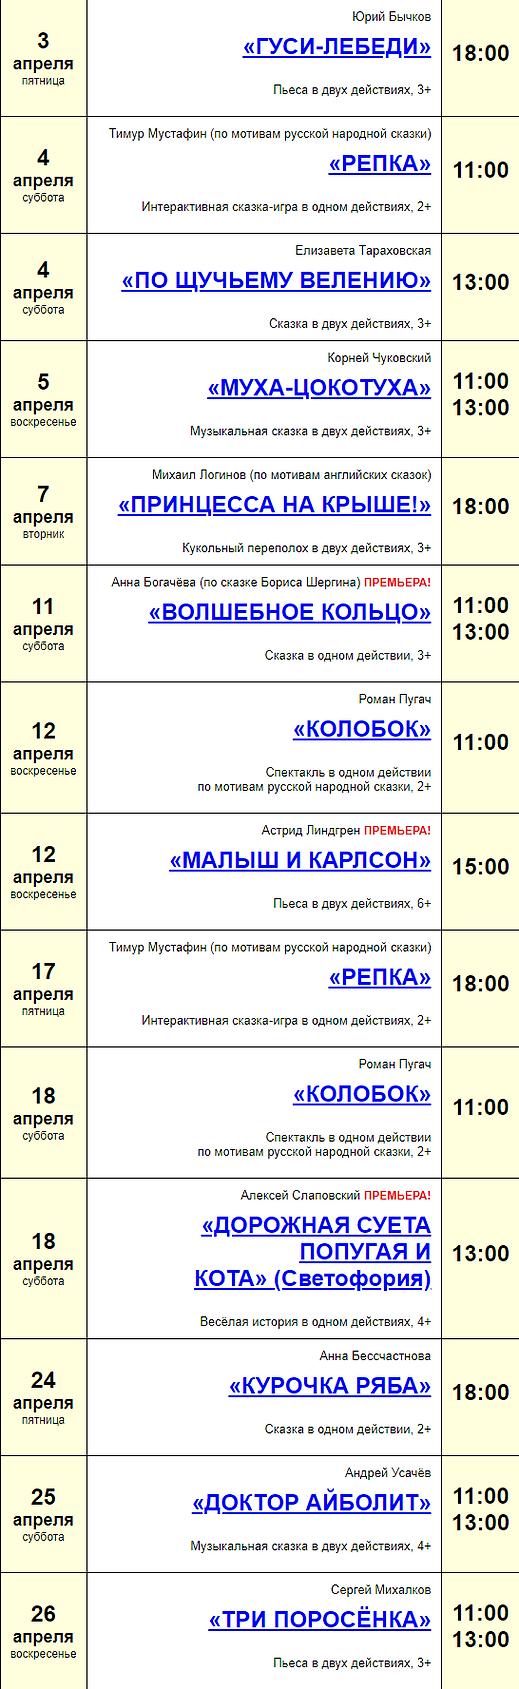 Афиша апрель Театр кукол.png